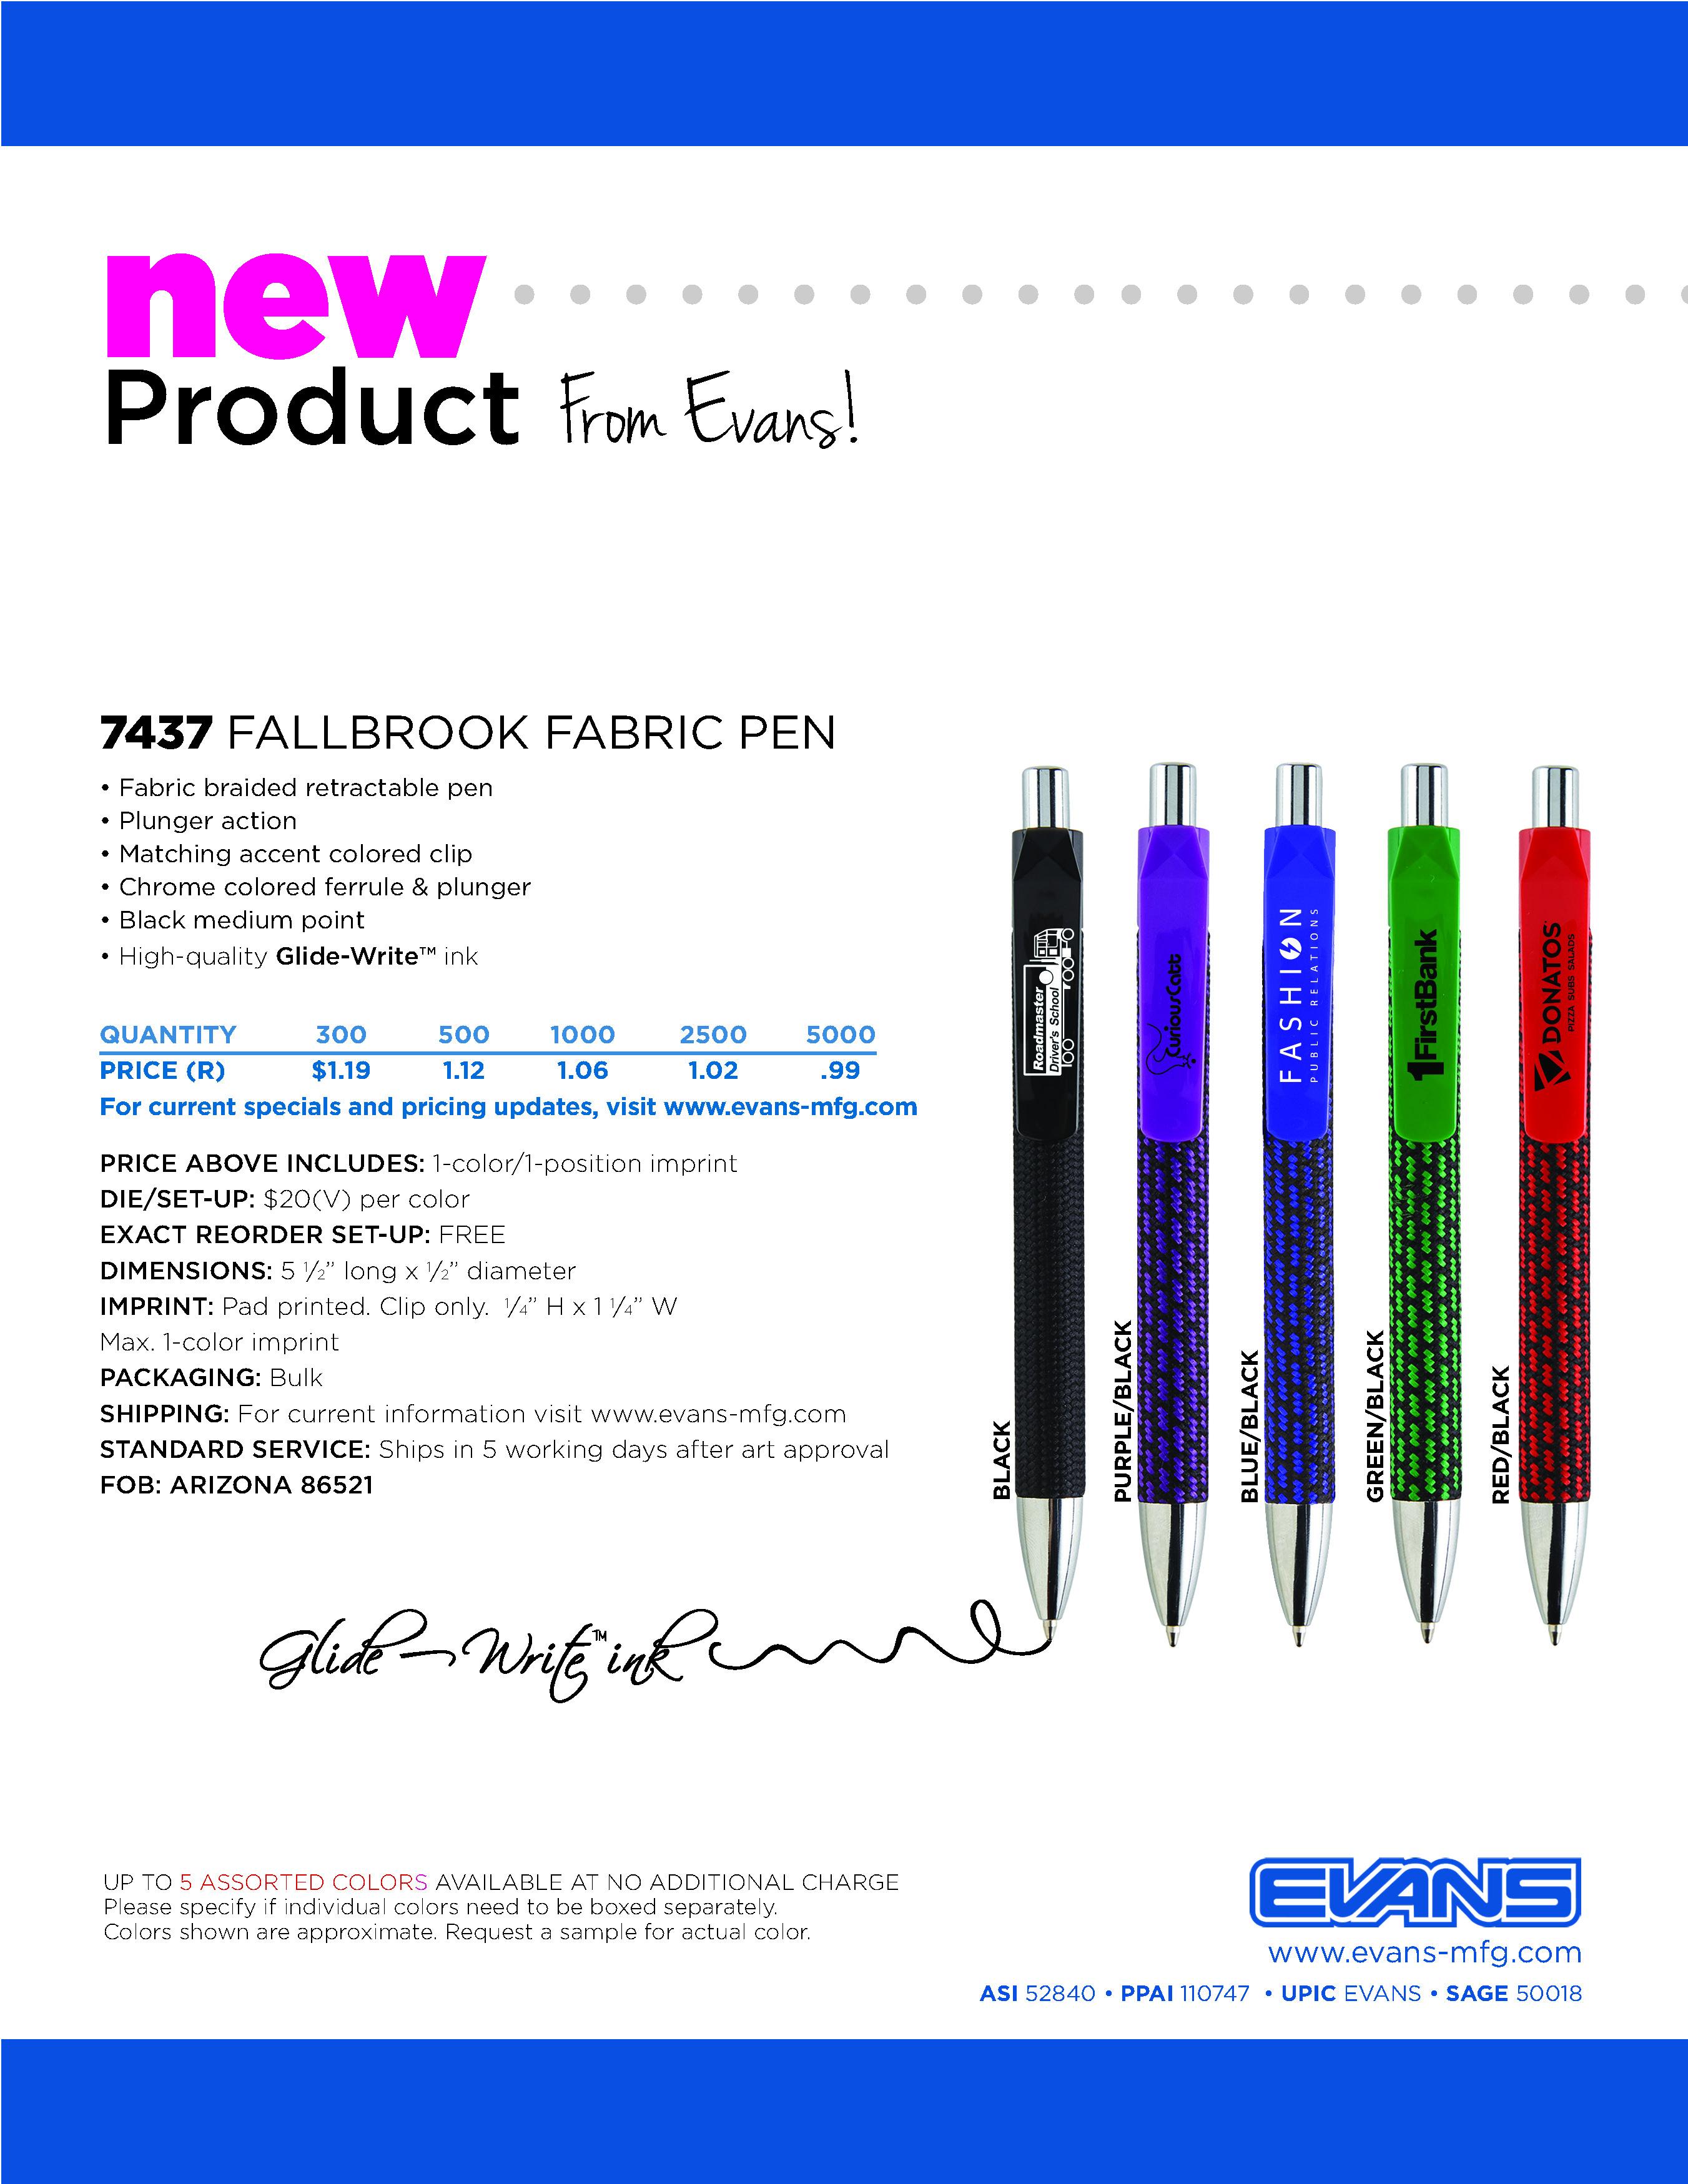 7437 Fallbrook Fabric Pen